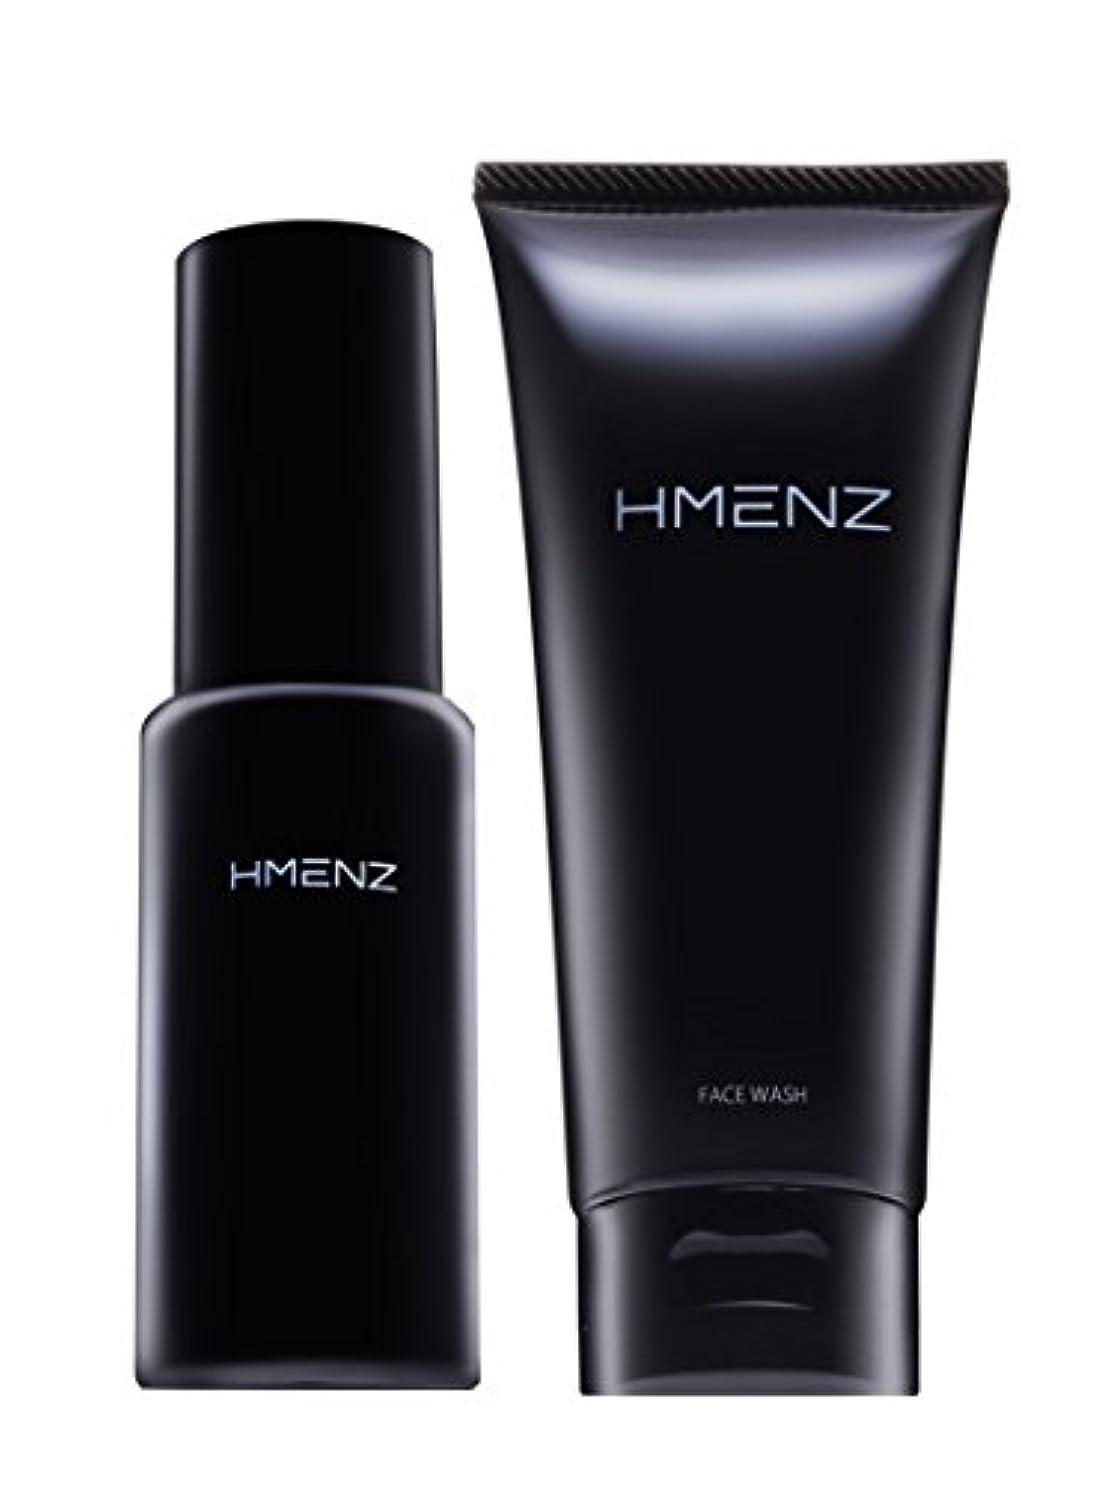 安全でない定義パイル医薬部外品【 スキンケア セット 】HMENZ メンズ 洗顔 & 美容液 乾燥肌 対策 保湿 (無添加 シミ対策 ニキビ対策 エイジングケア) 洗顔 オールインワン ジェル 100g&50ml